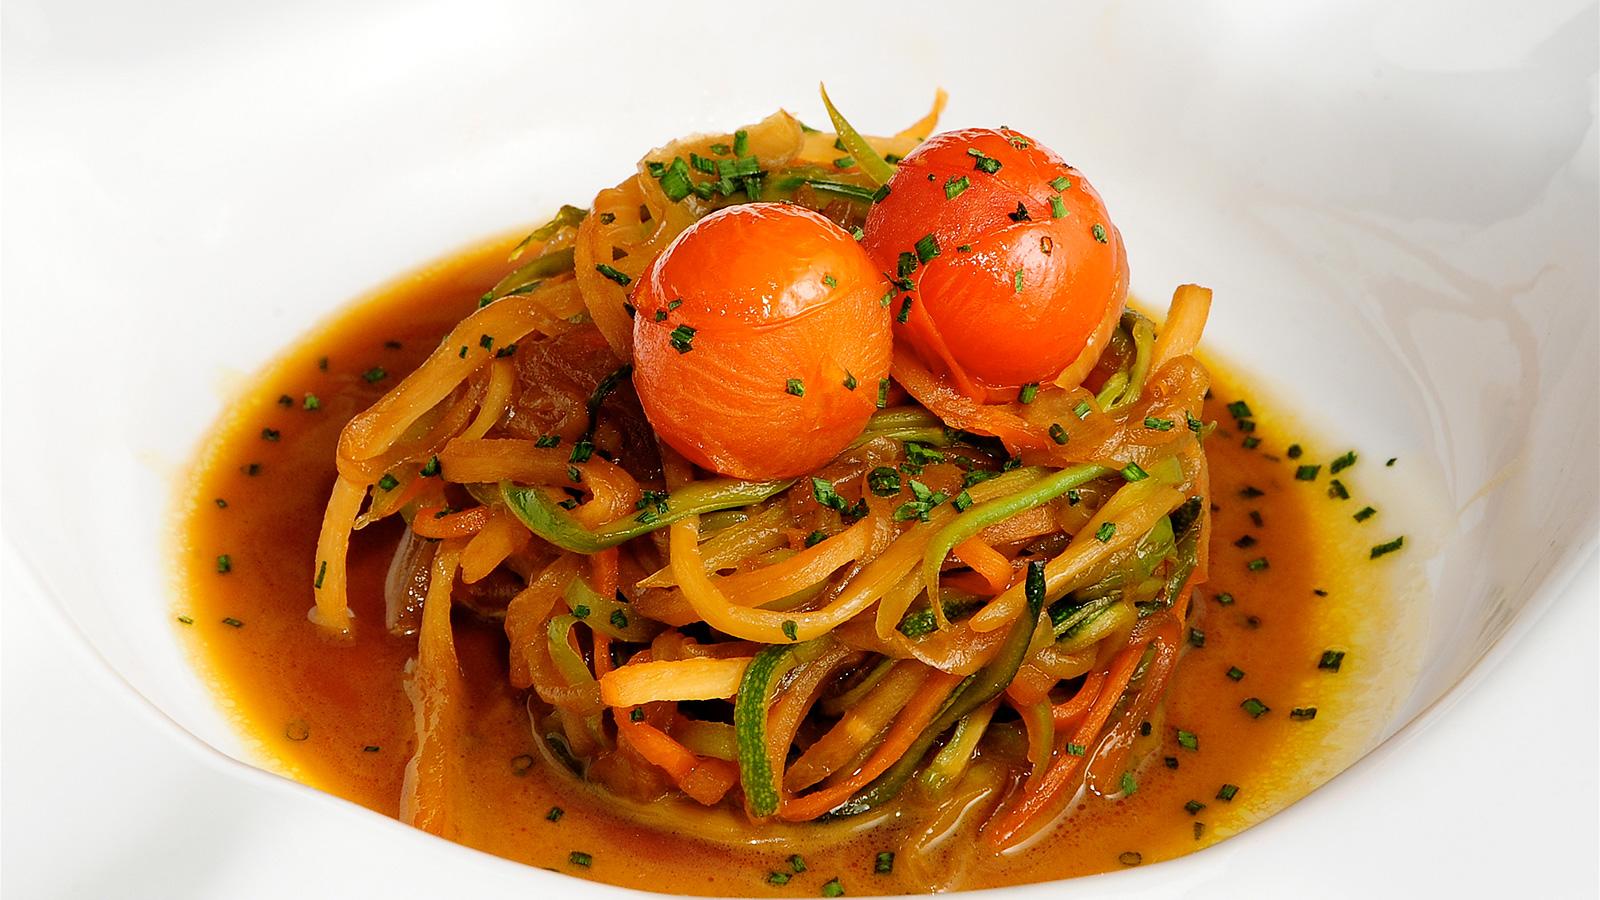 Tallarines de verduras agridulces chema de isidro for Chema de isidro canal cocina